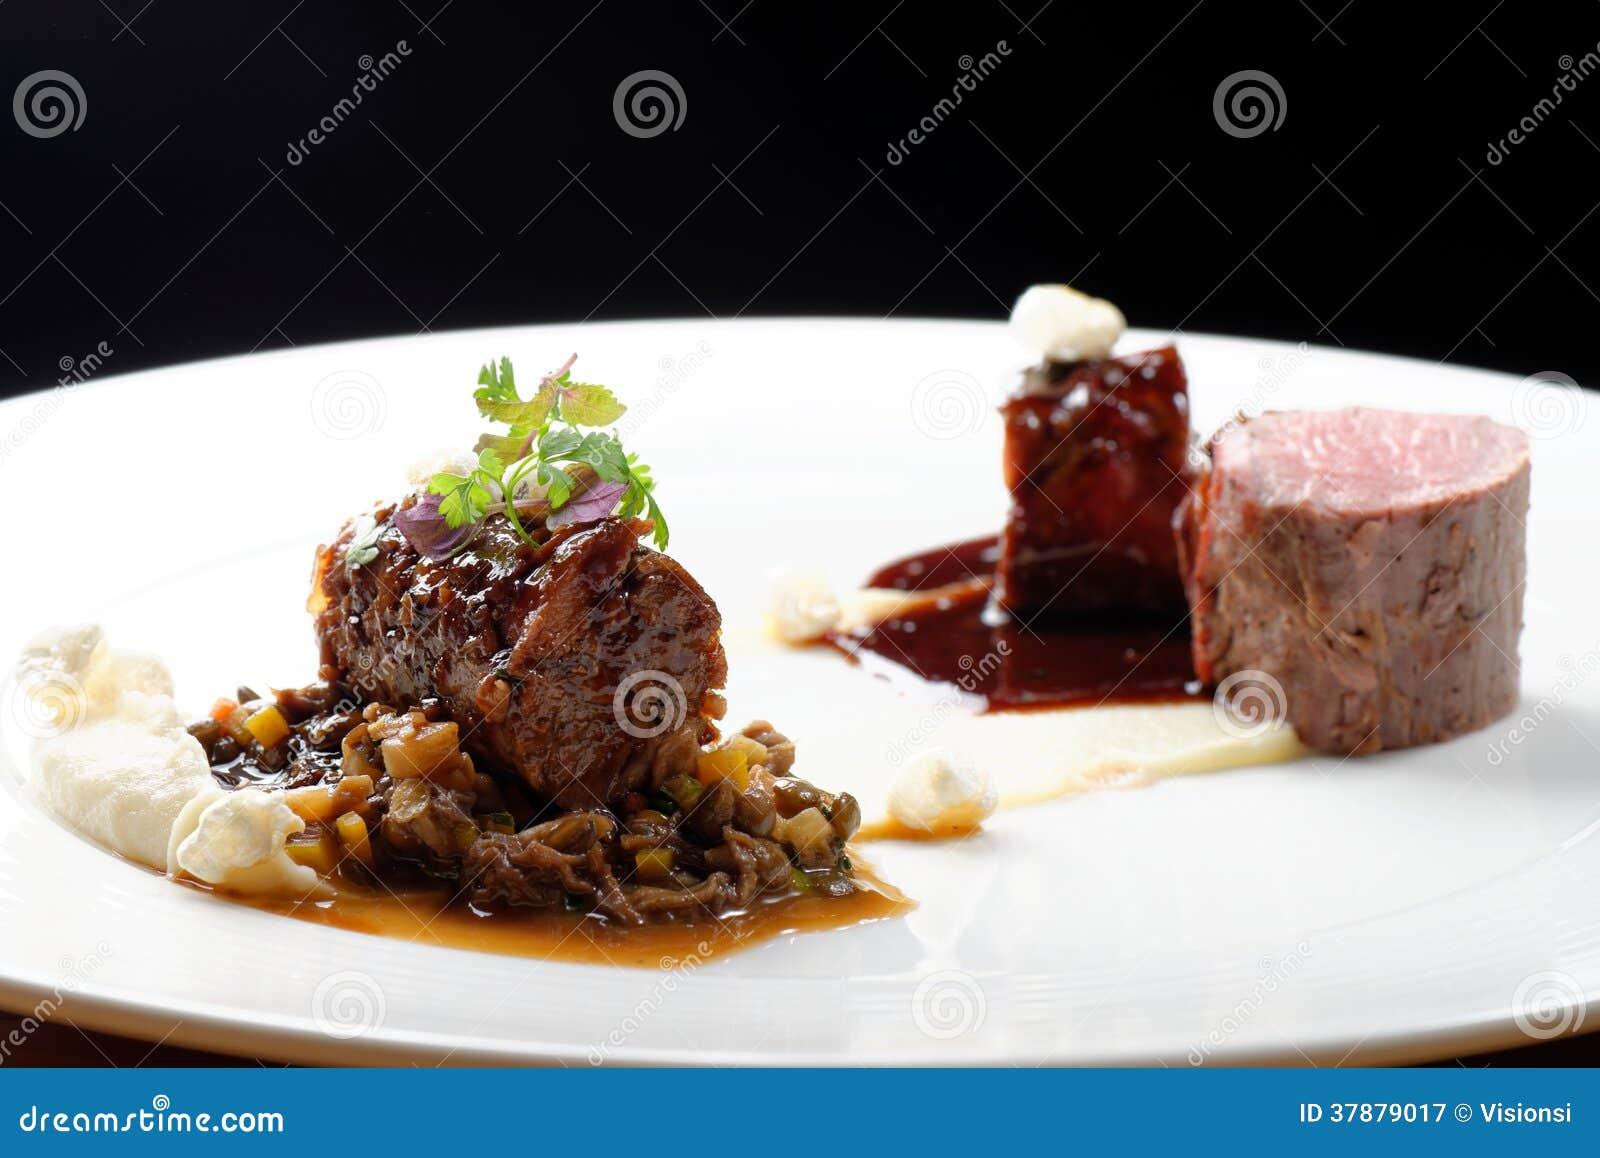 Hautekeuken, het geroosterde lapje vlees van de kalfsvleesfilet, kalfsvleesstaart met een saus van haven, morels, linzen